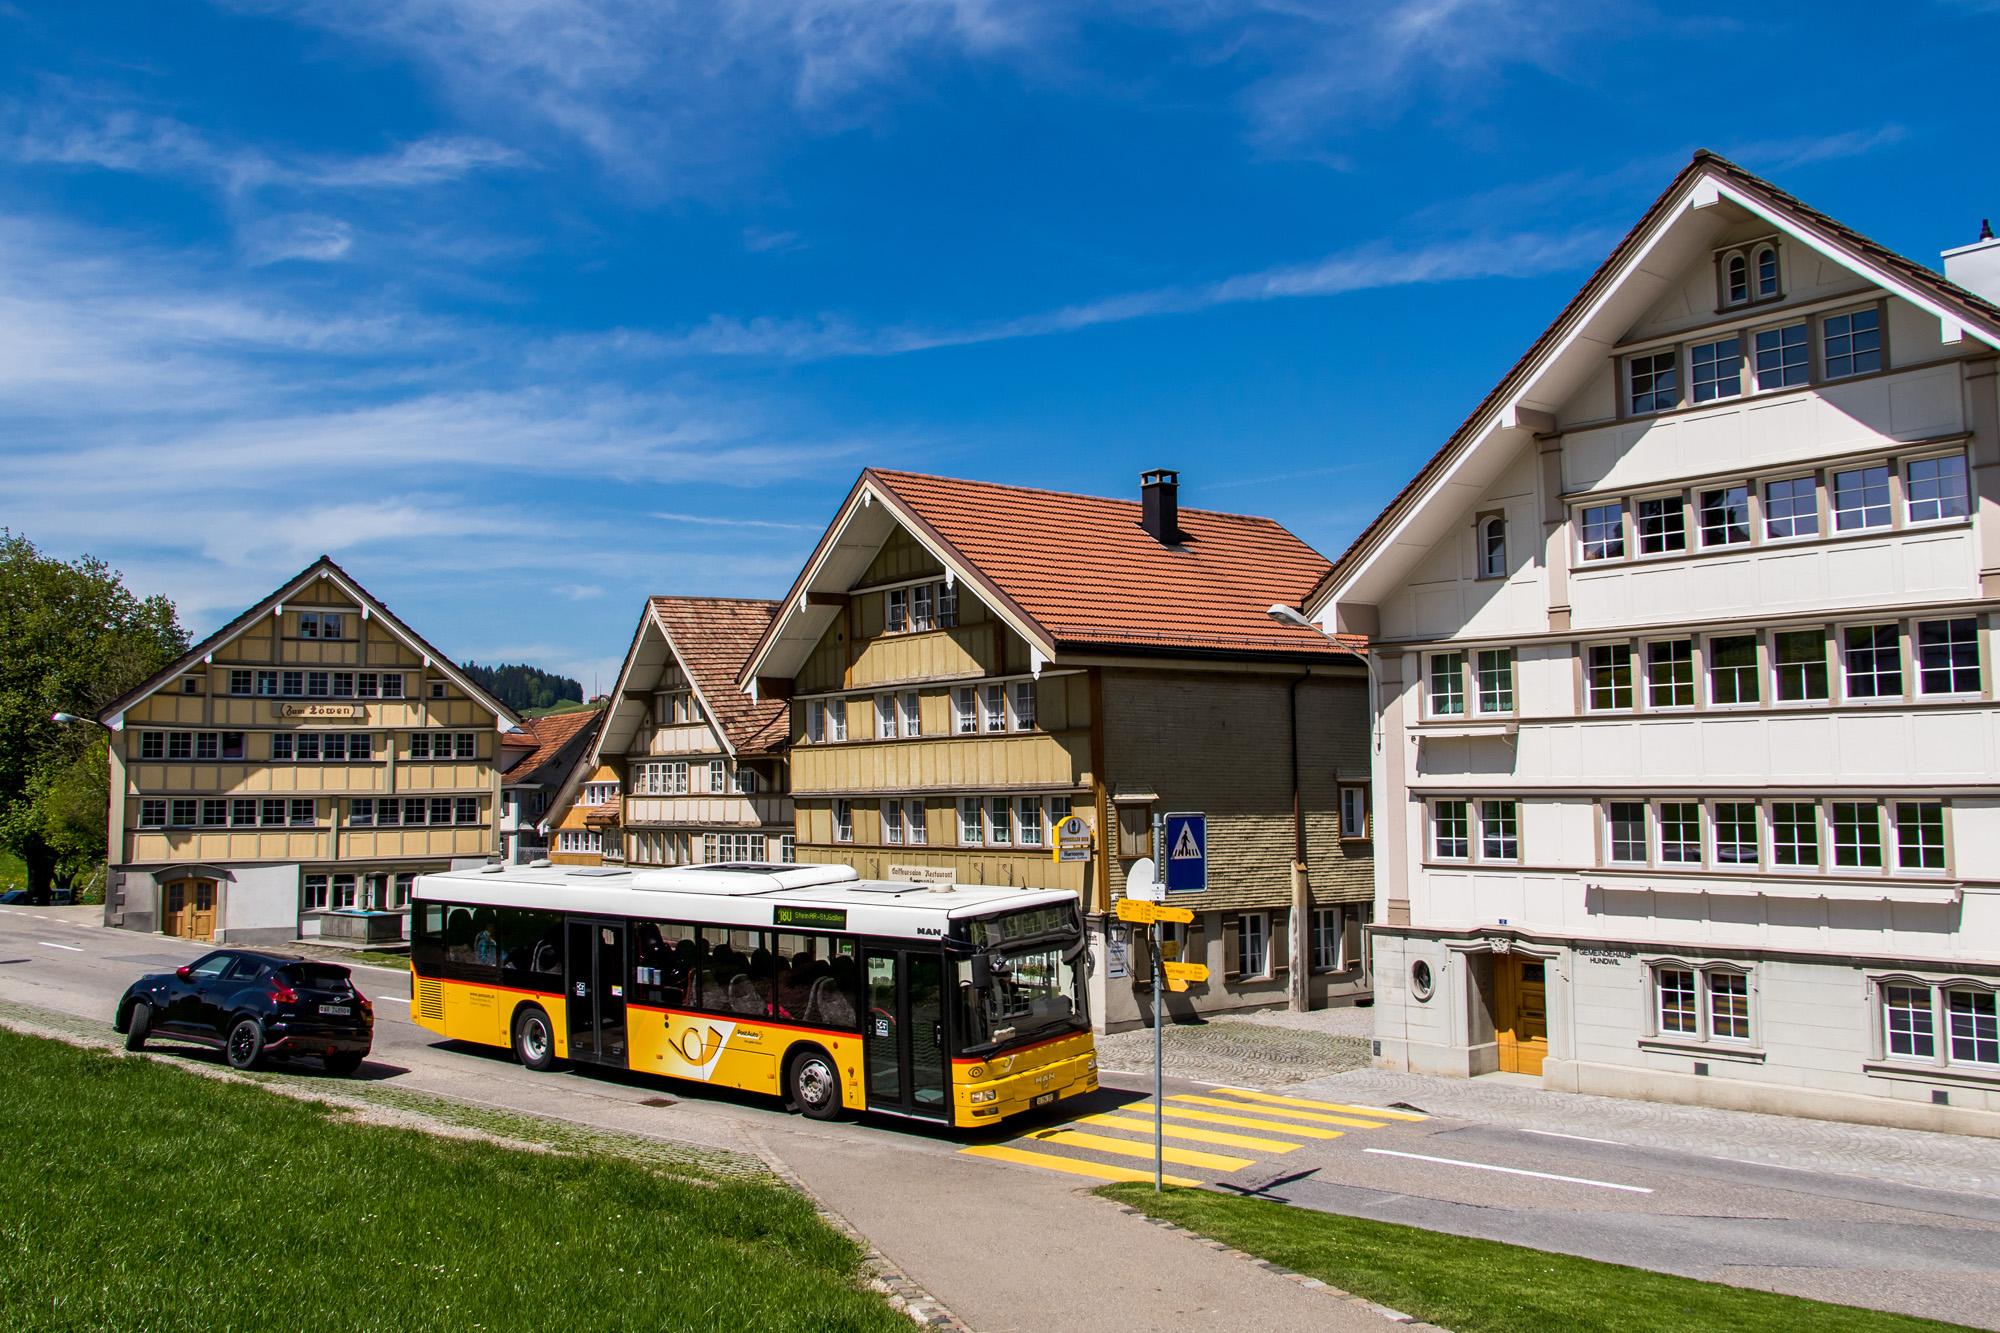 Fahrt entlang der prächtigen Giebelhaus-Reihe am Landsgemeindeplatz in Hundwil - inkl. wild parkierender Appenzeller